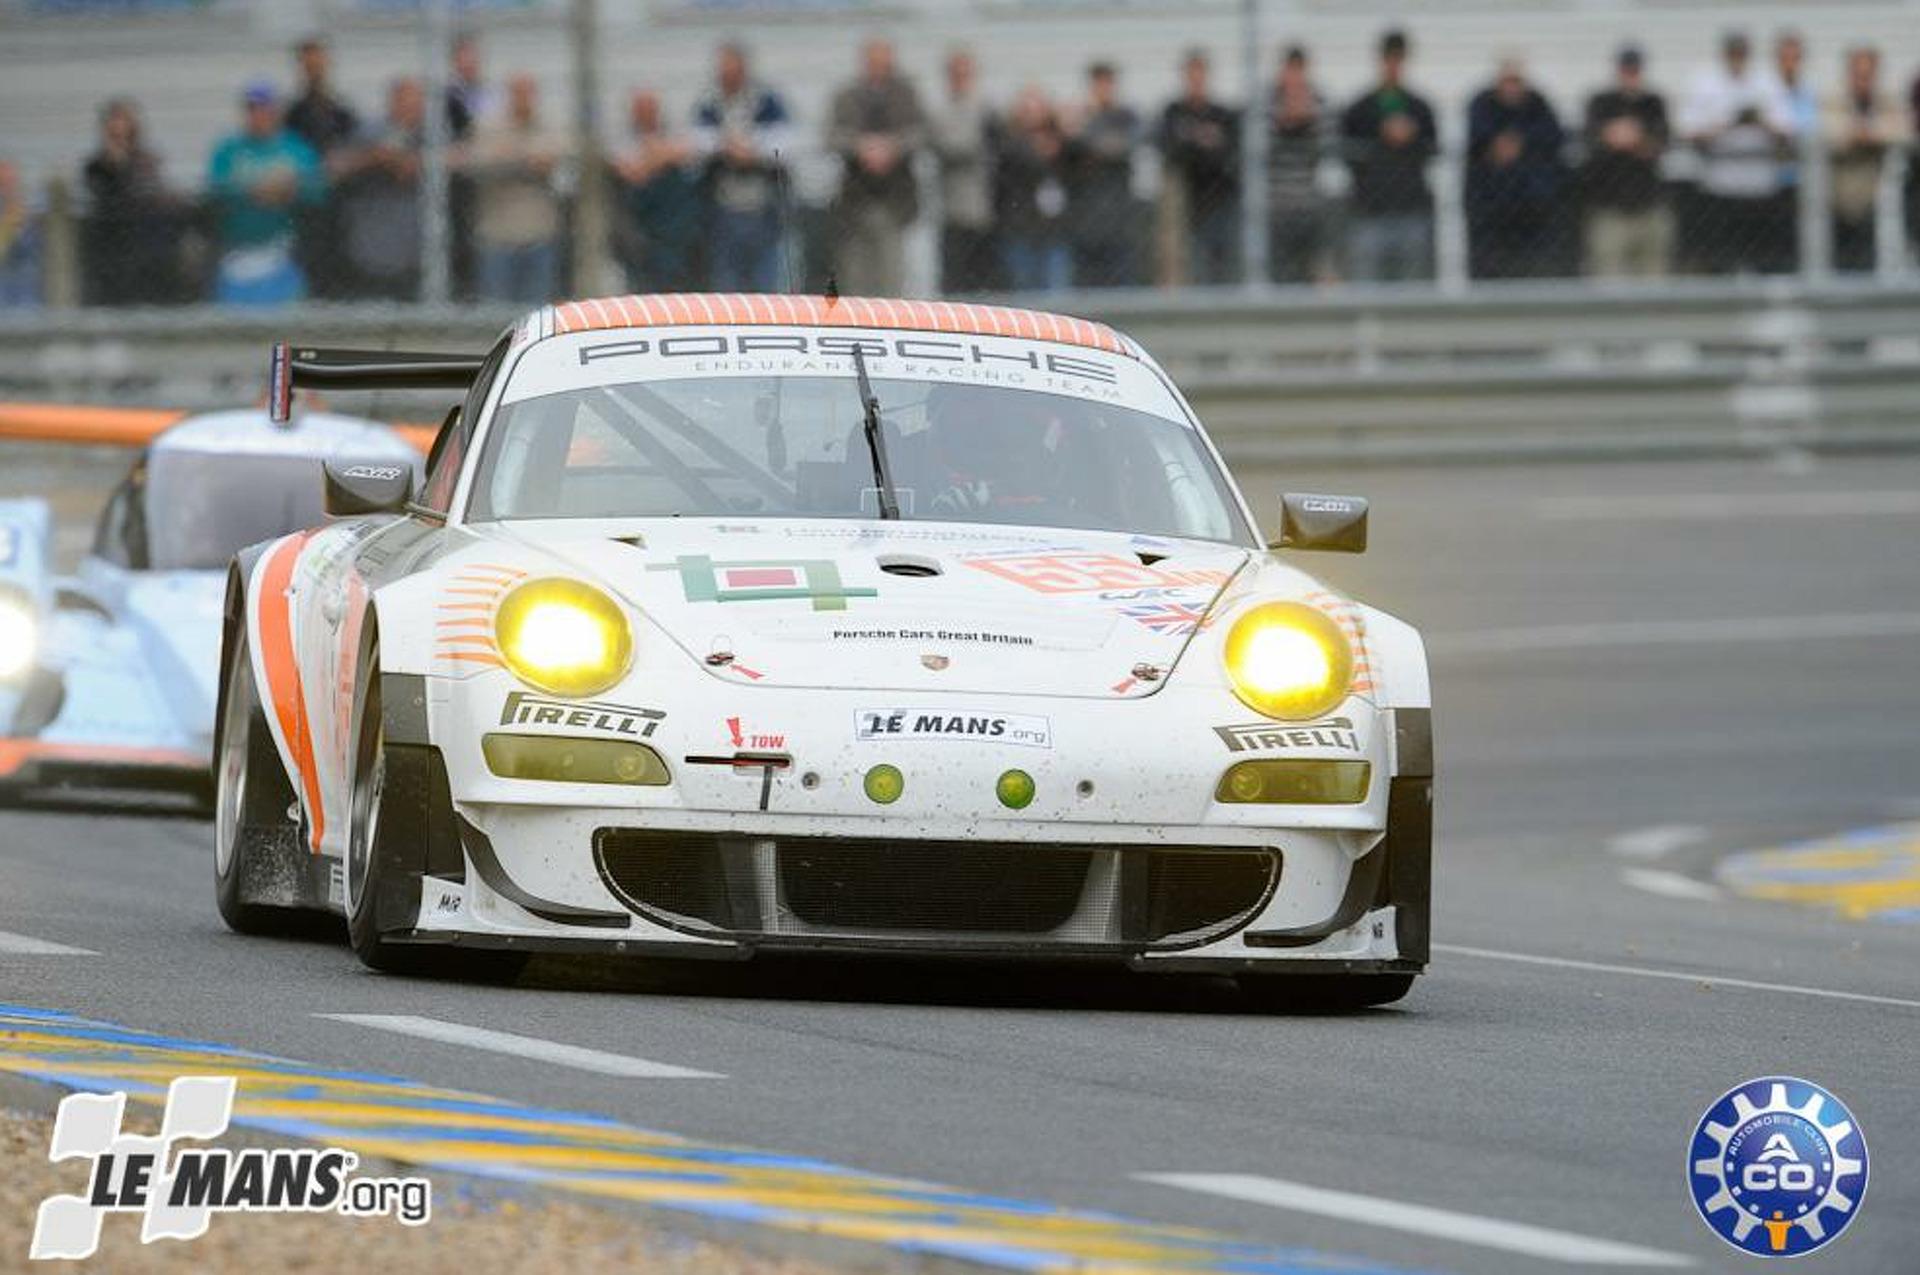 2012 Le Mans Race Guide